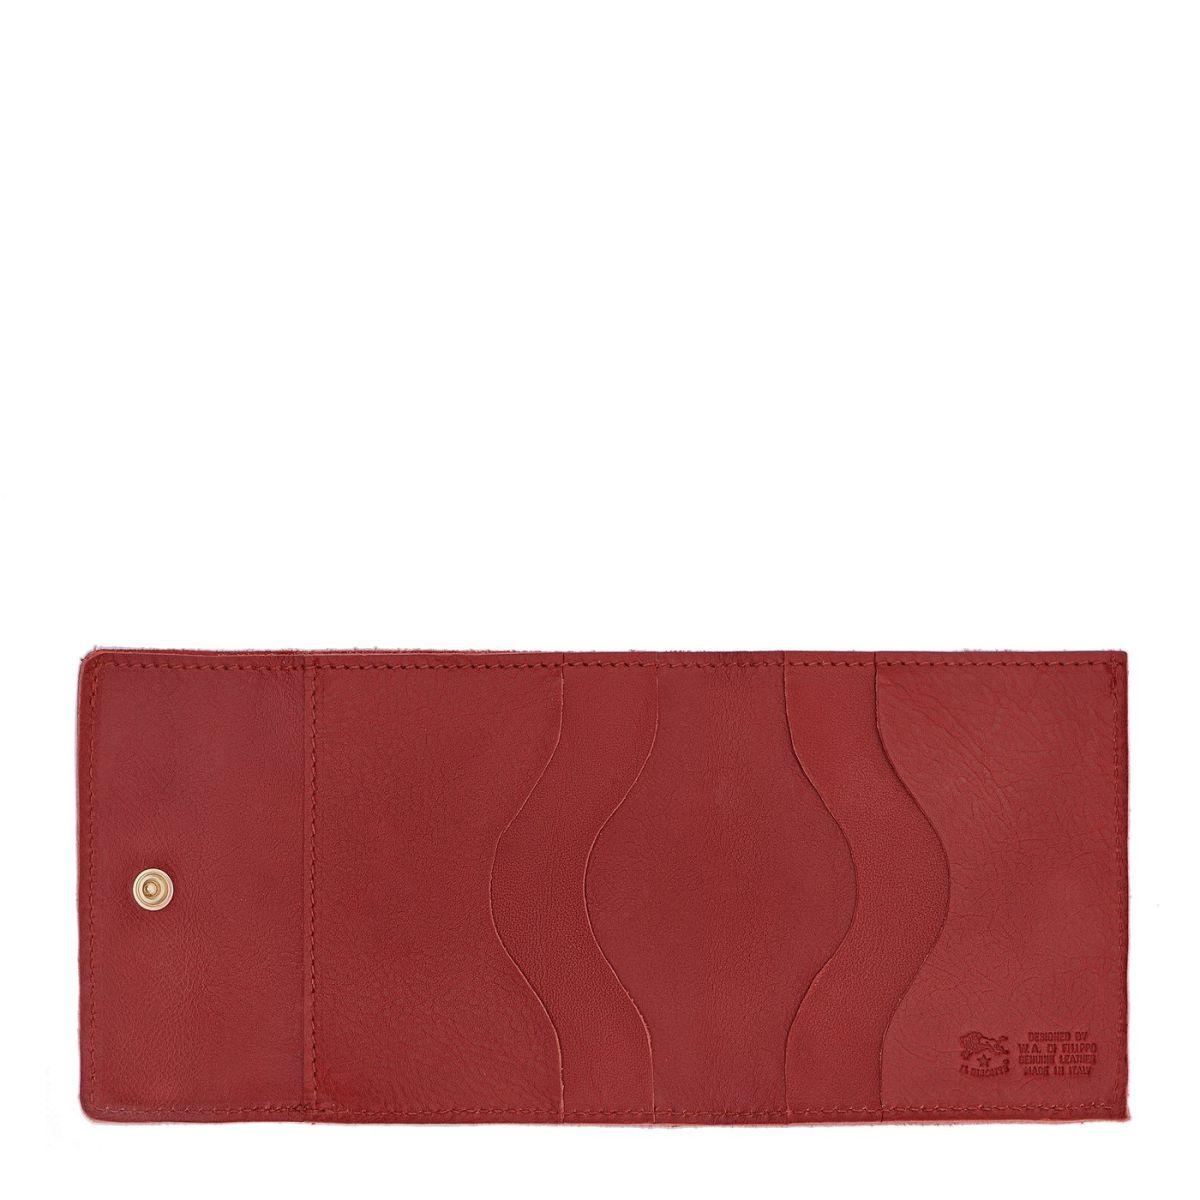 Portefeuille en Cuir De Vachette Doublé couleur Rouge - SMW022 | Details